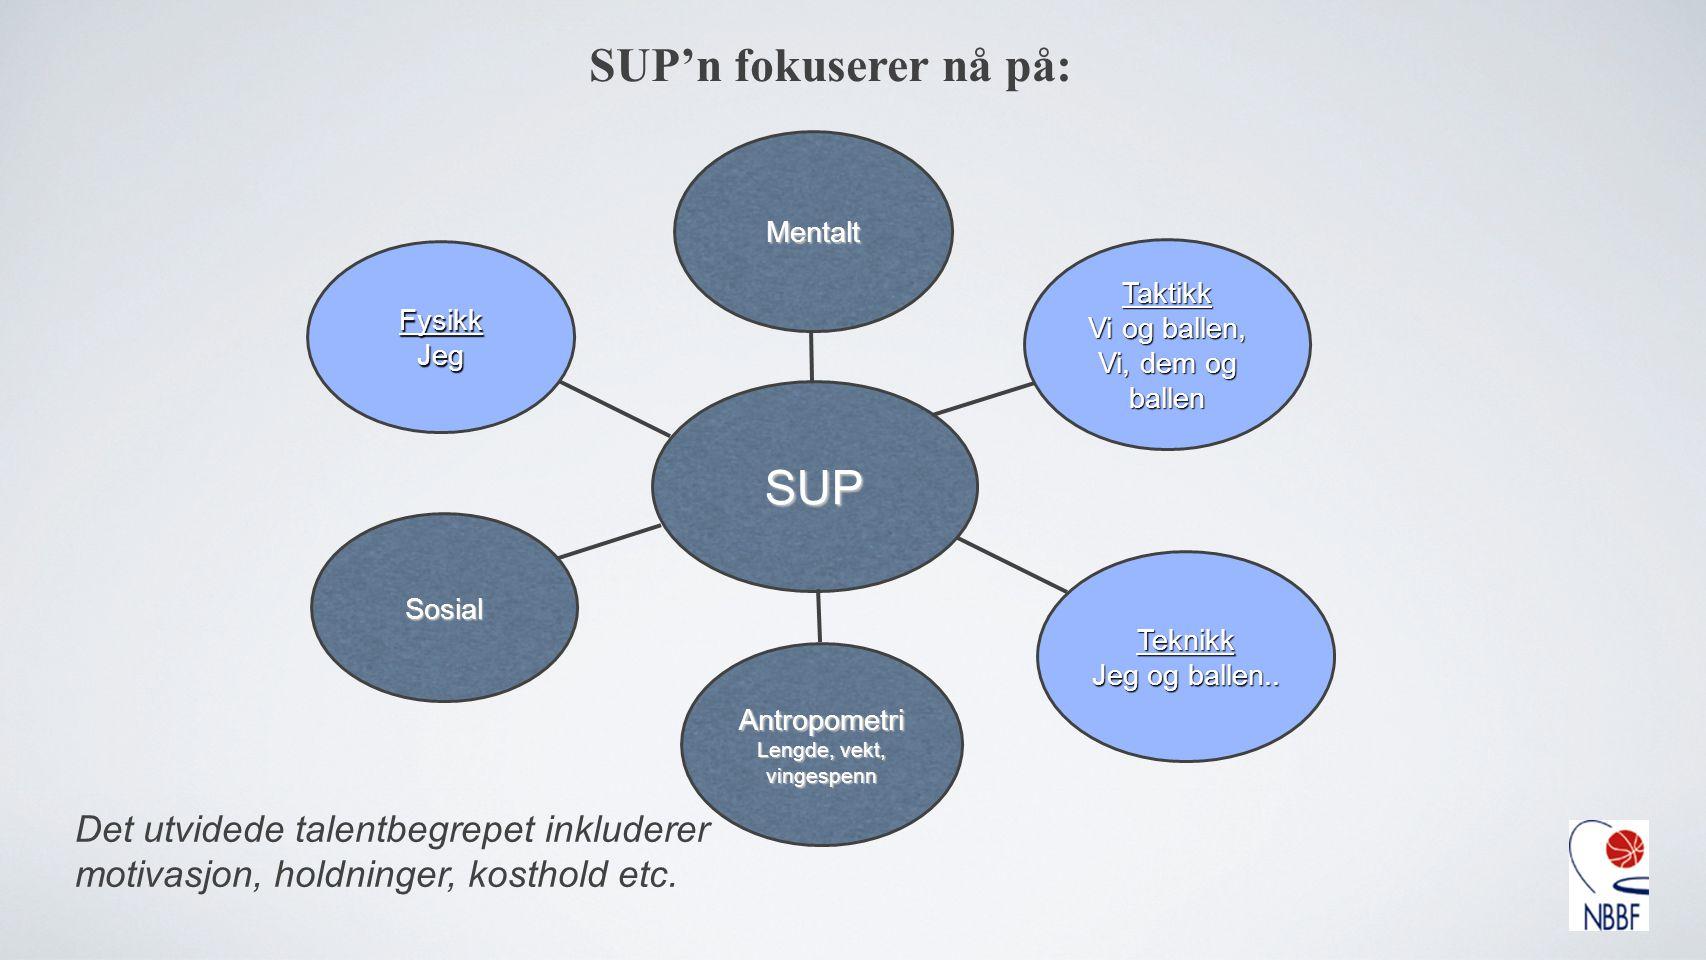 SUP'n fokuserer nå på: Det utvidede talentbegrepet inkluderer motivasjon, holdninger, kosthold etc. SUP Mentalt Sosial FysikkJeg Taktikk Vi og ballen,